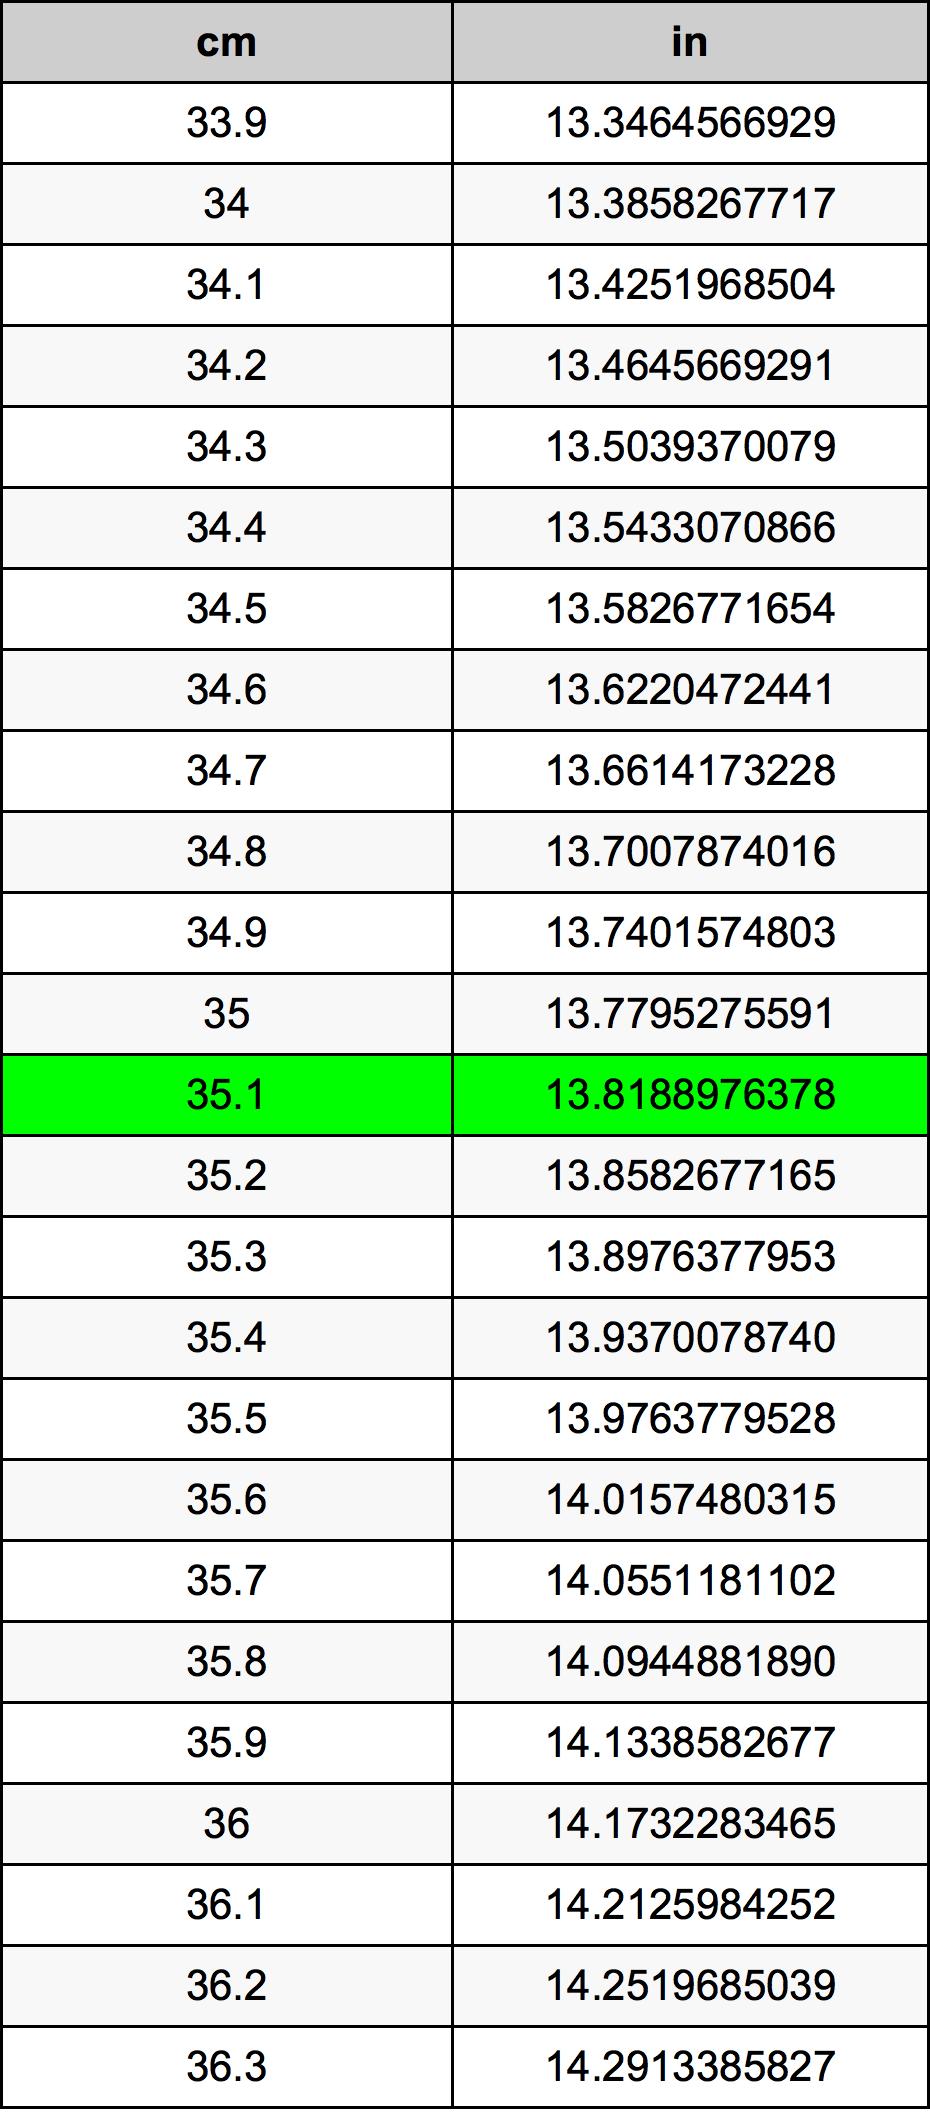 35.1厘米換算表